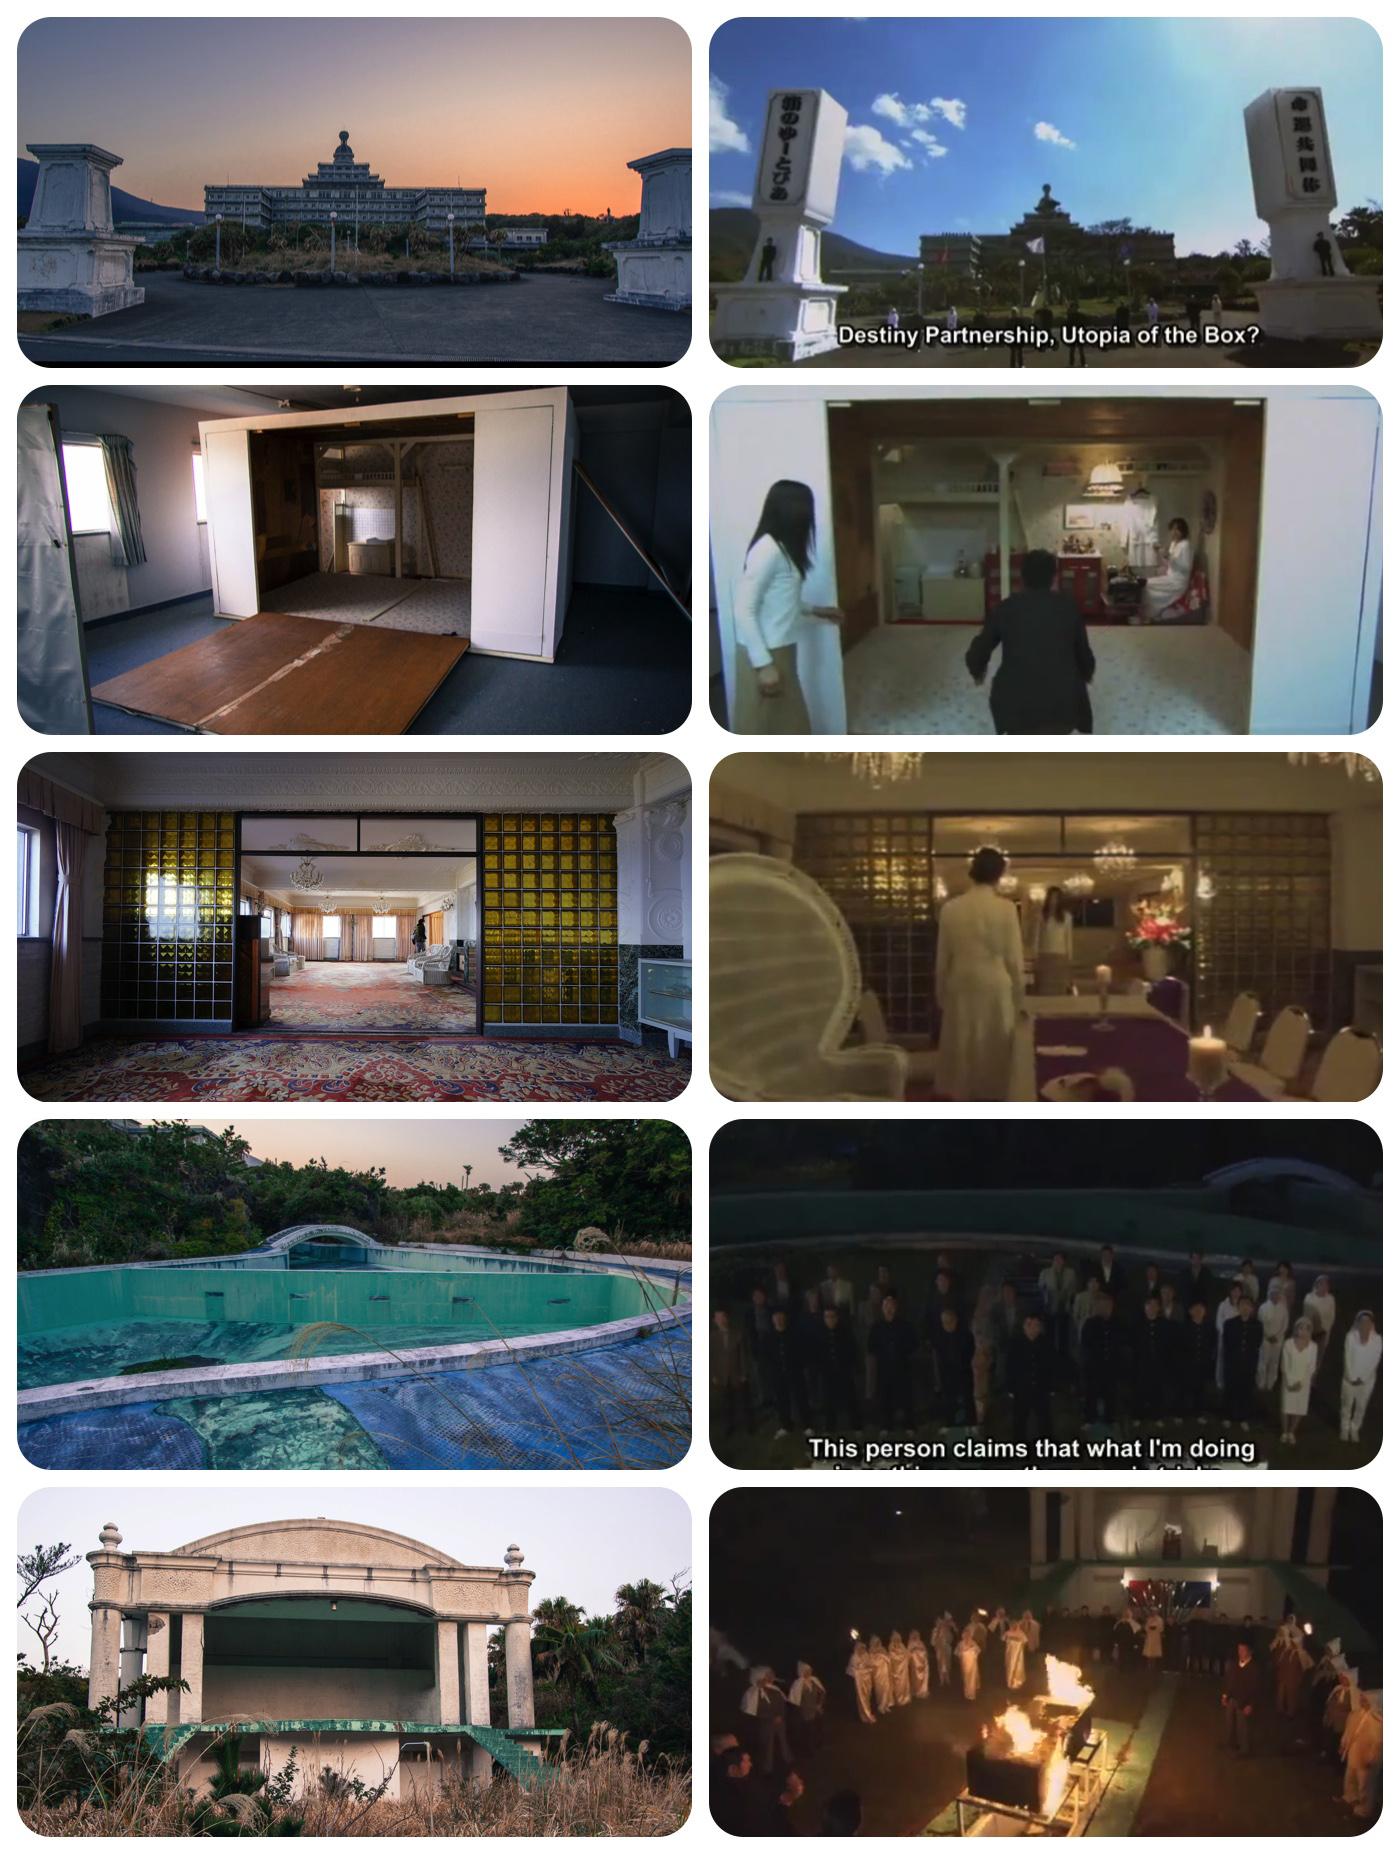 映画では色々なシーンでこのホテルが使われていた。こう重ねてみると面白い!